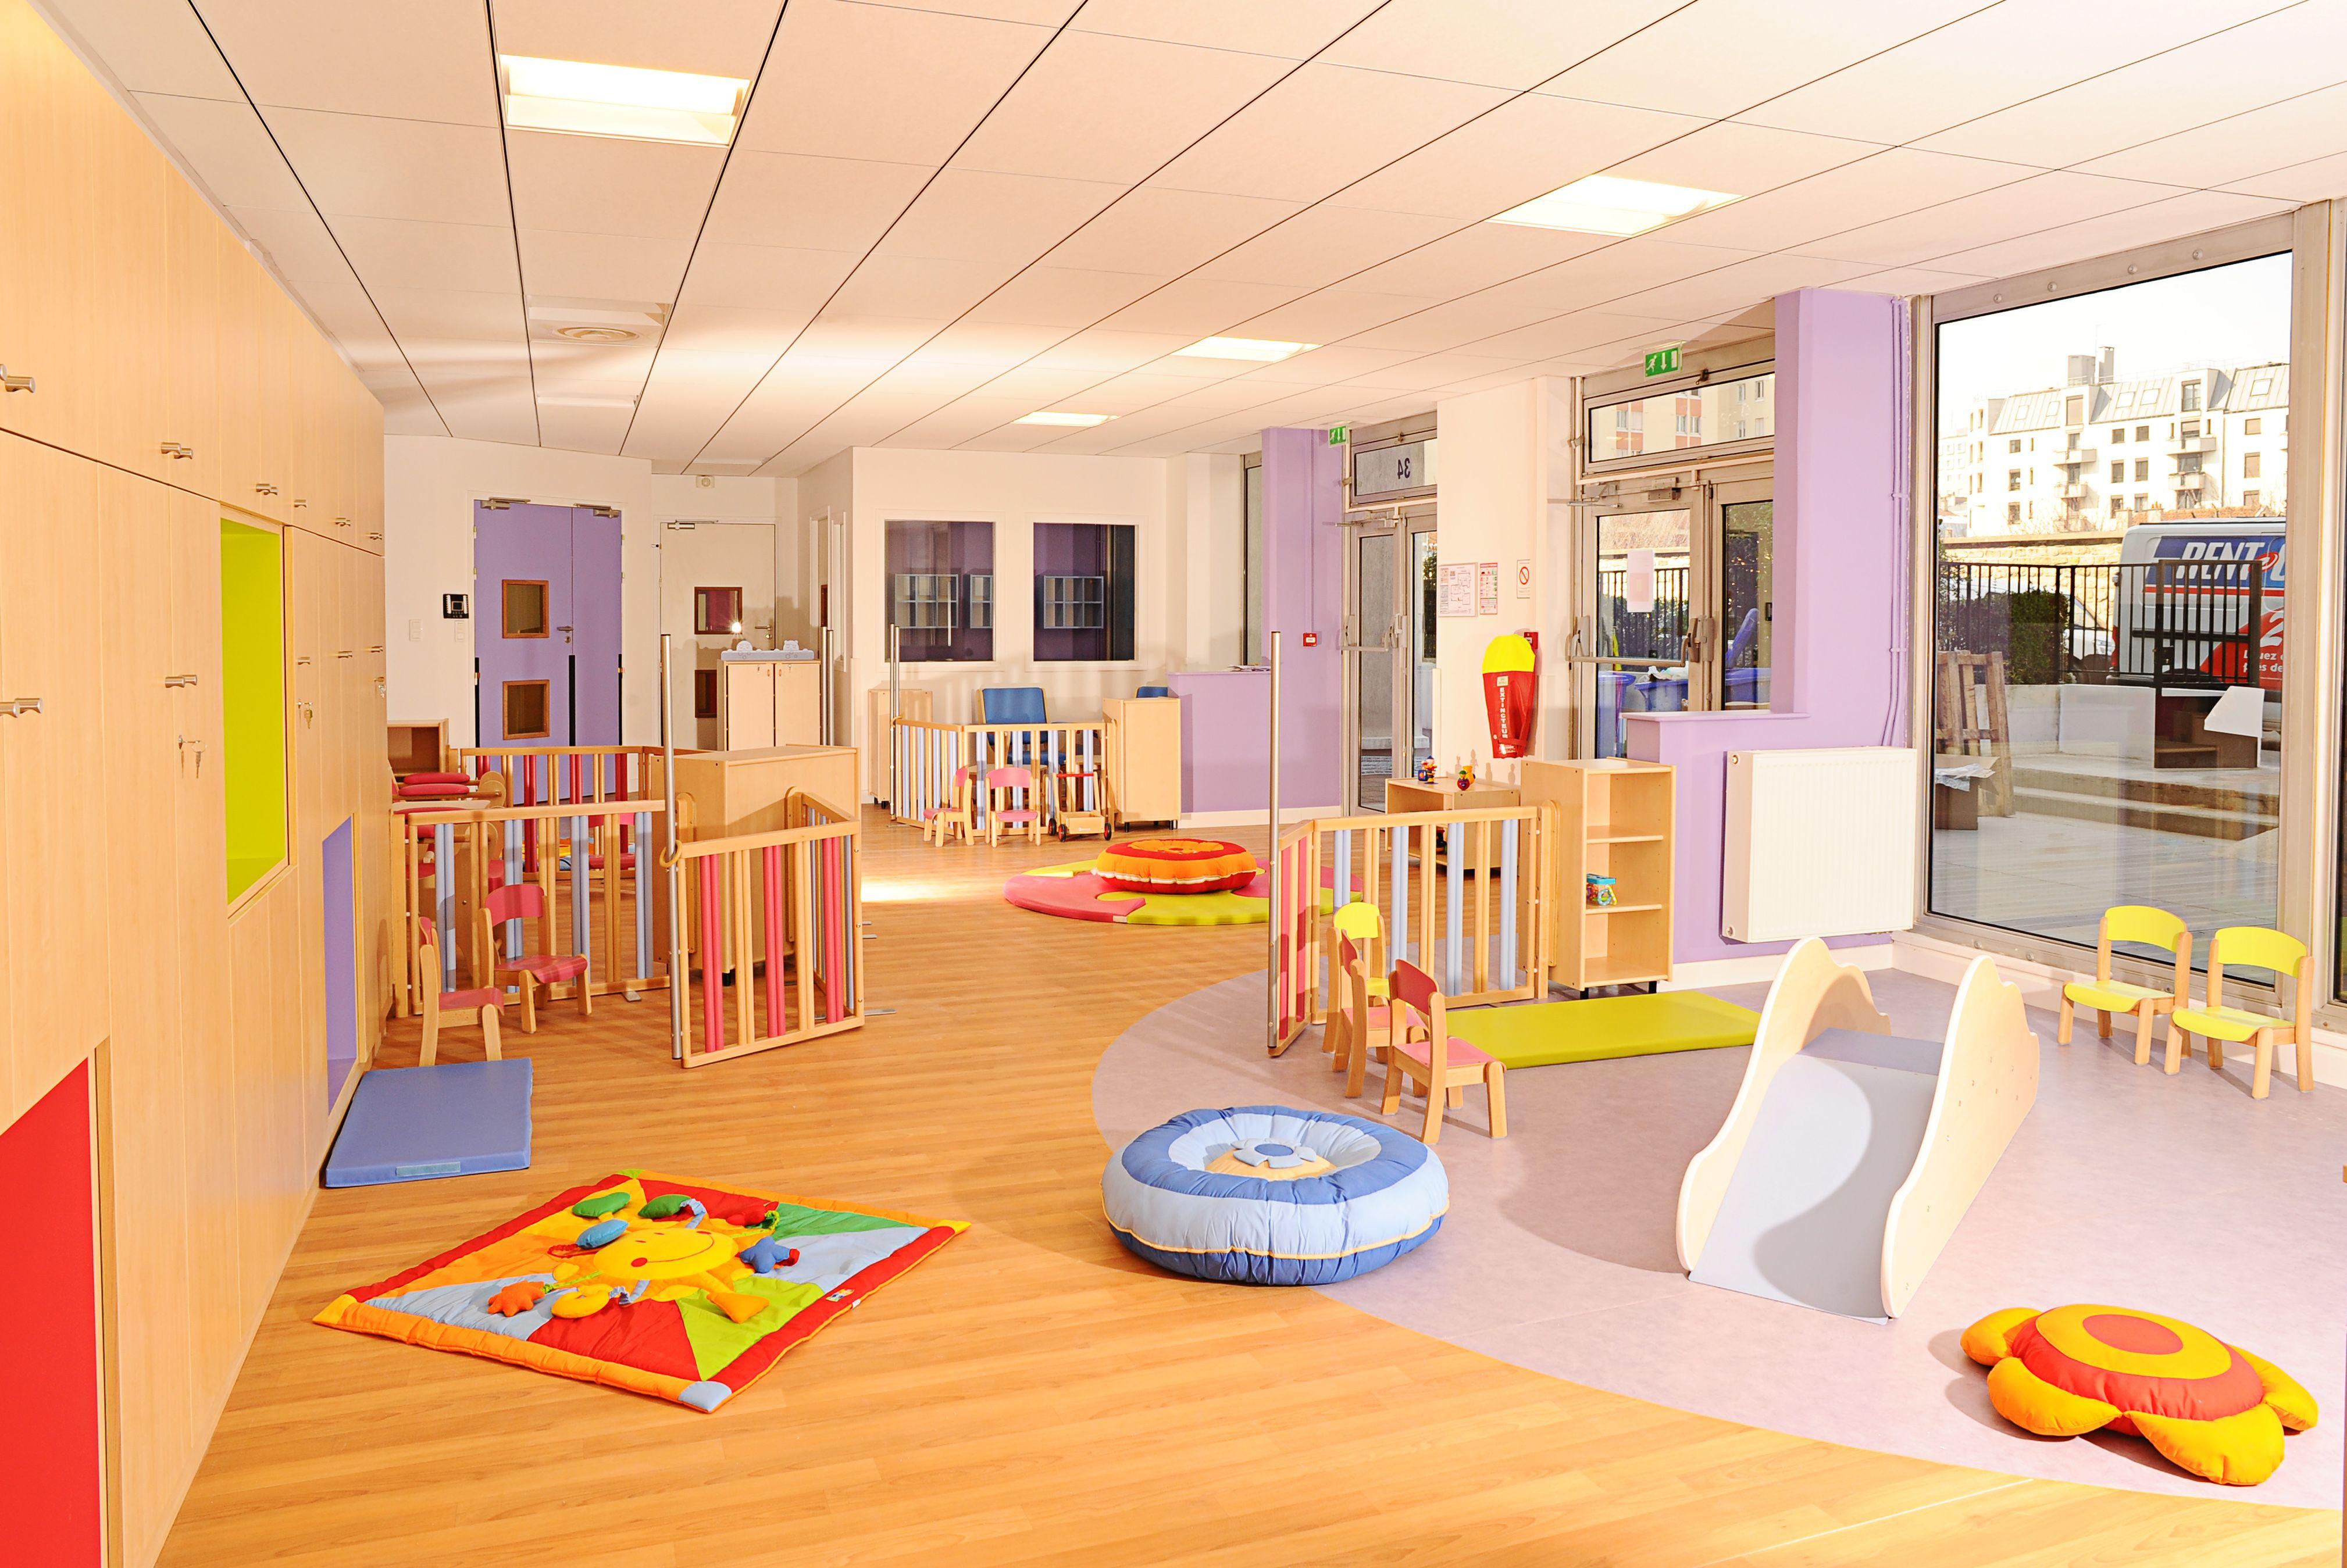 cr che 120 berceaux vincennes f 94300 salle d 39 activit s section des petits play ideas. Black Bedroom Furniture Sets. Home Design Ideas